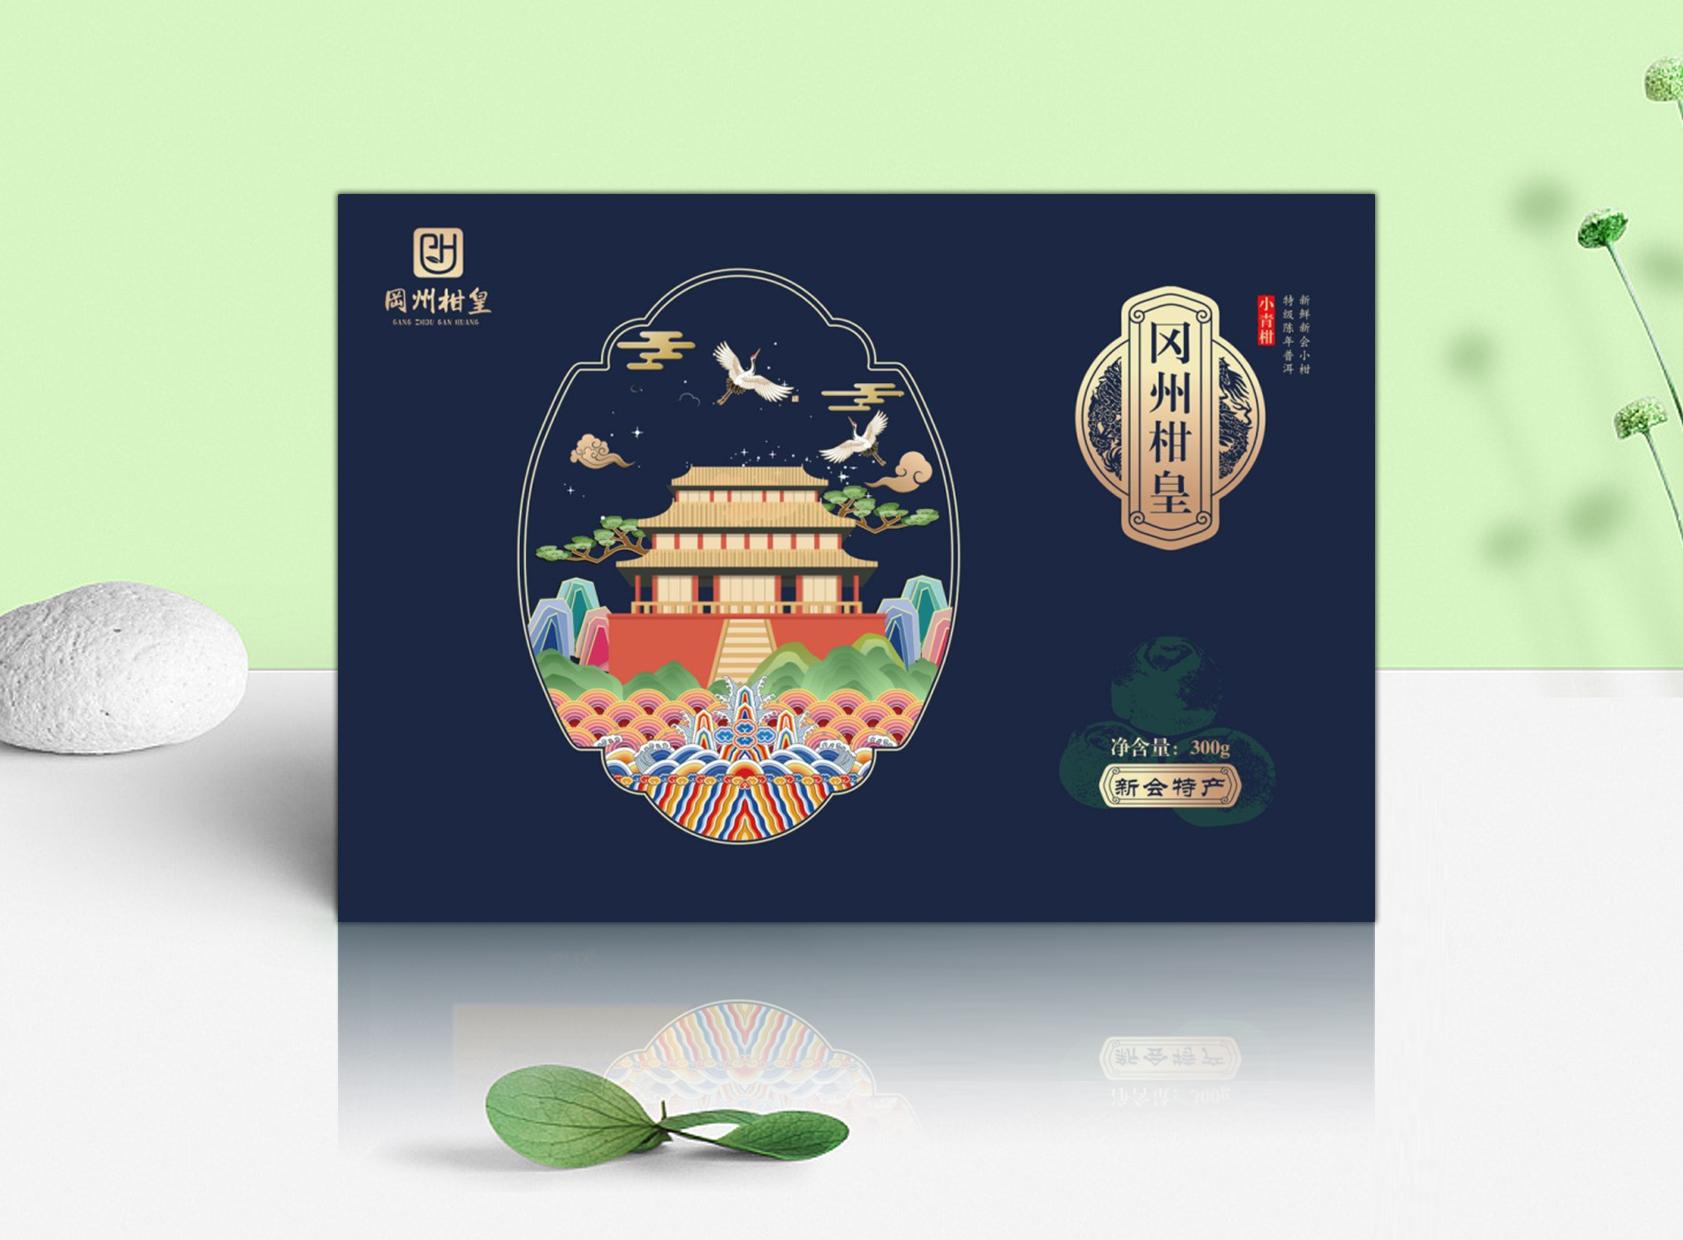 亚博2010新会冈州柑皇茶叶包装亚博app下载官网链接